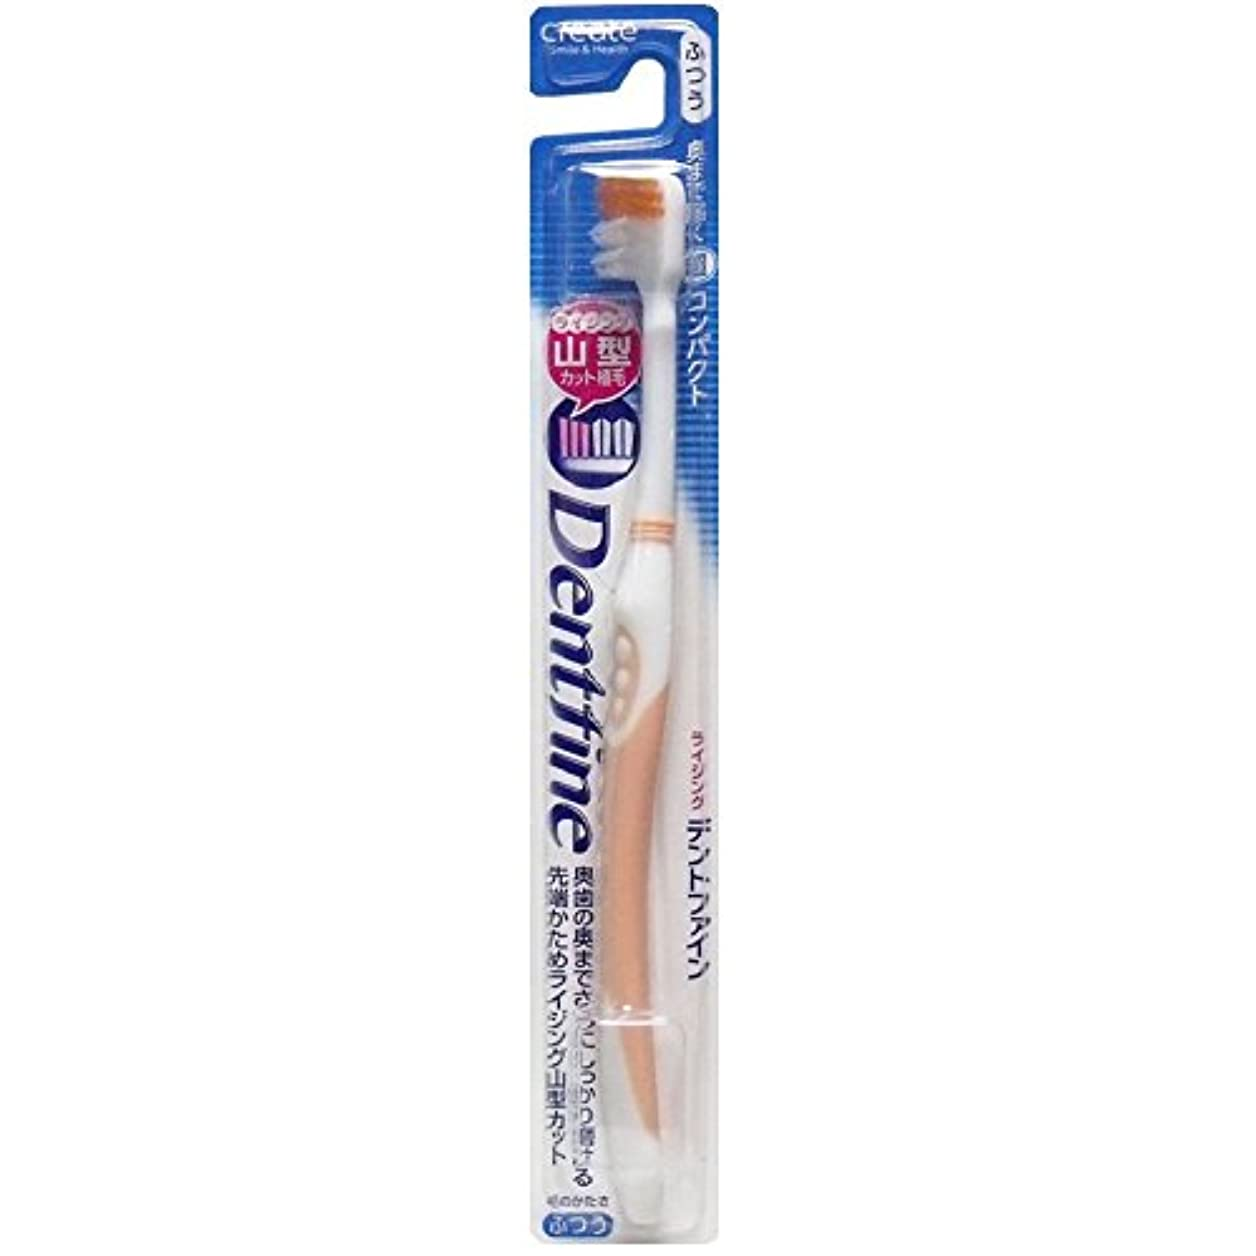 極端な名義でマウントデントファイン ピュアスタイル 山切りカット 歯ブラシ ふつう 1本:オレンジ